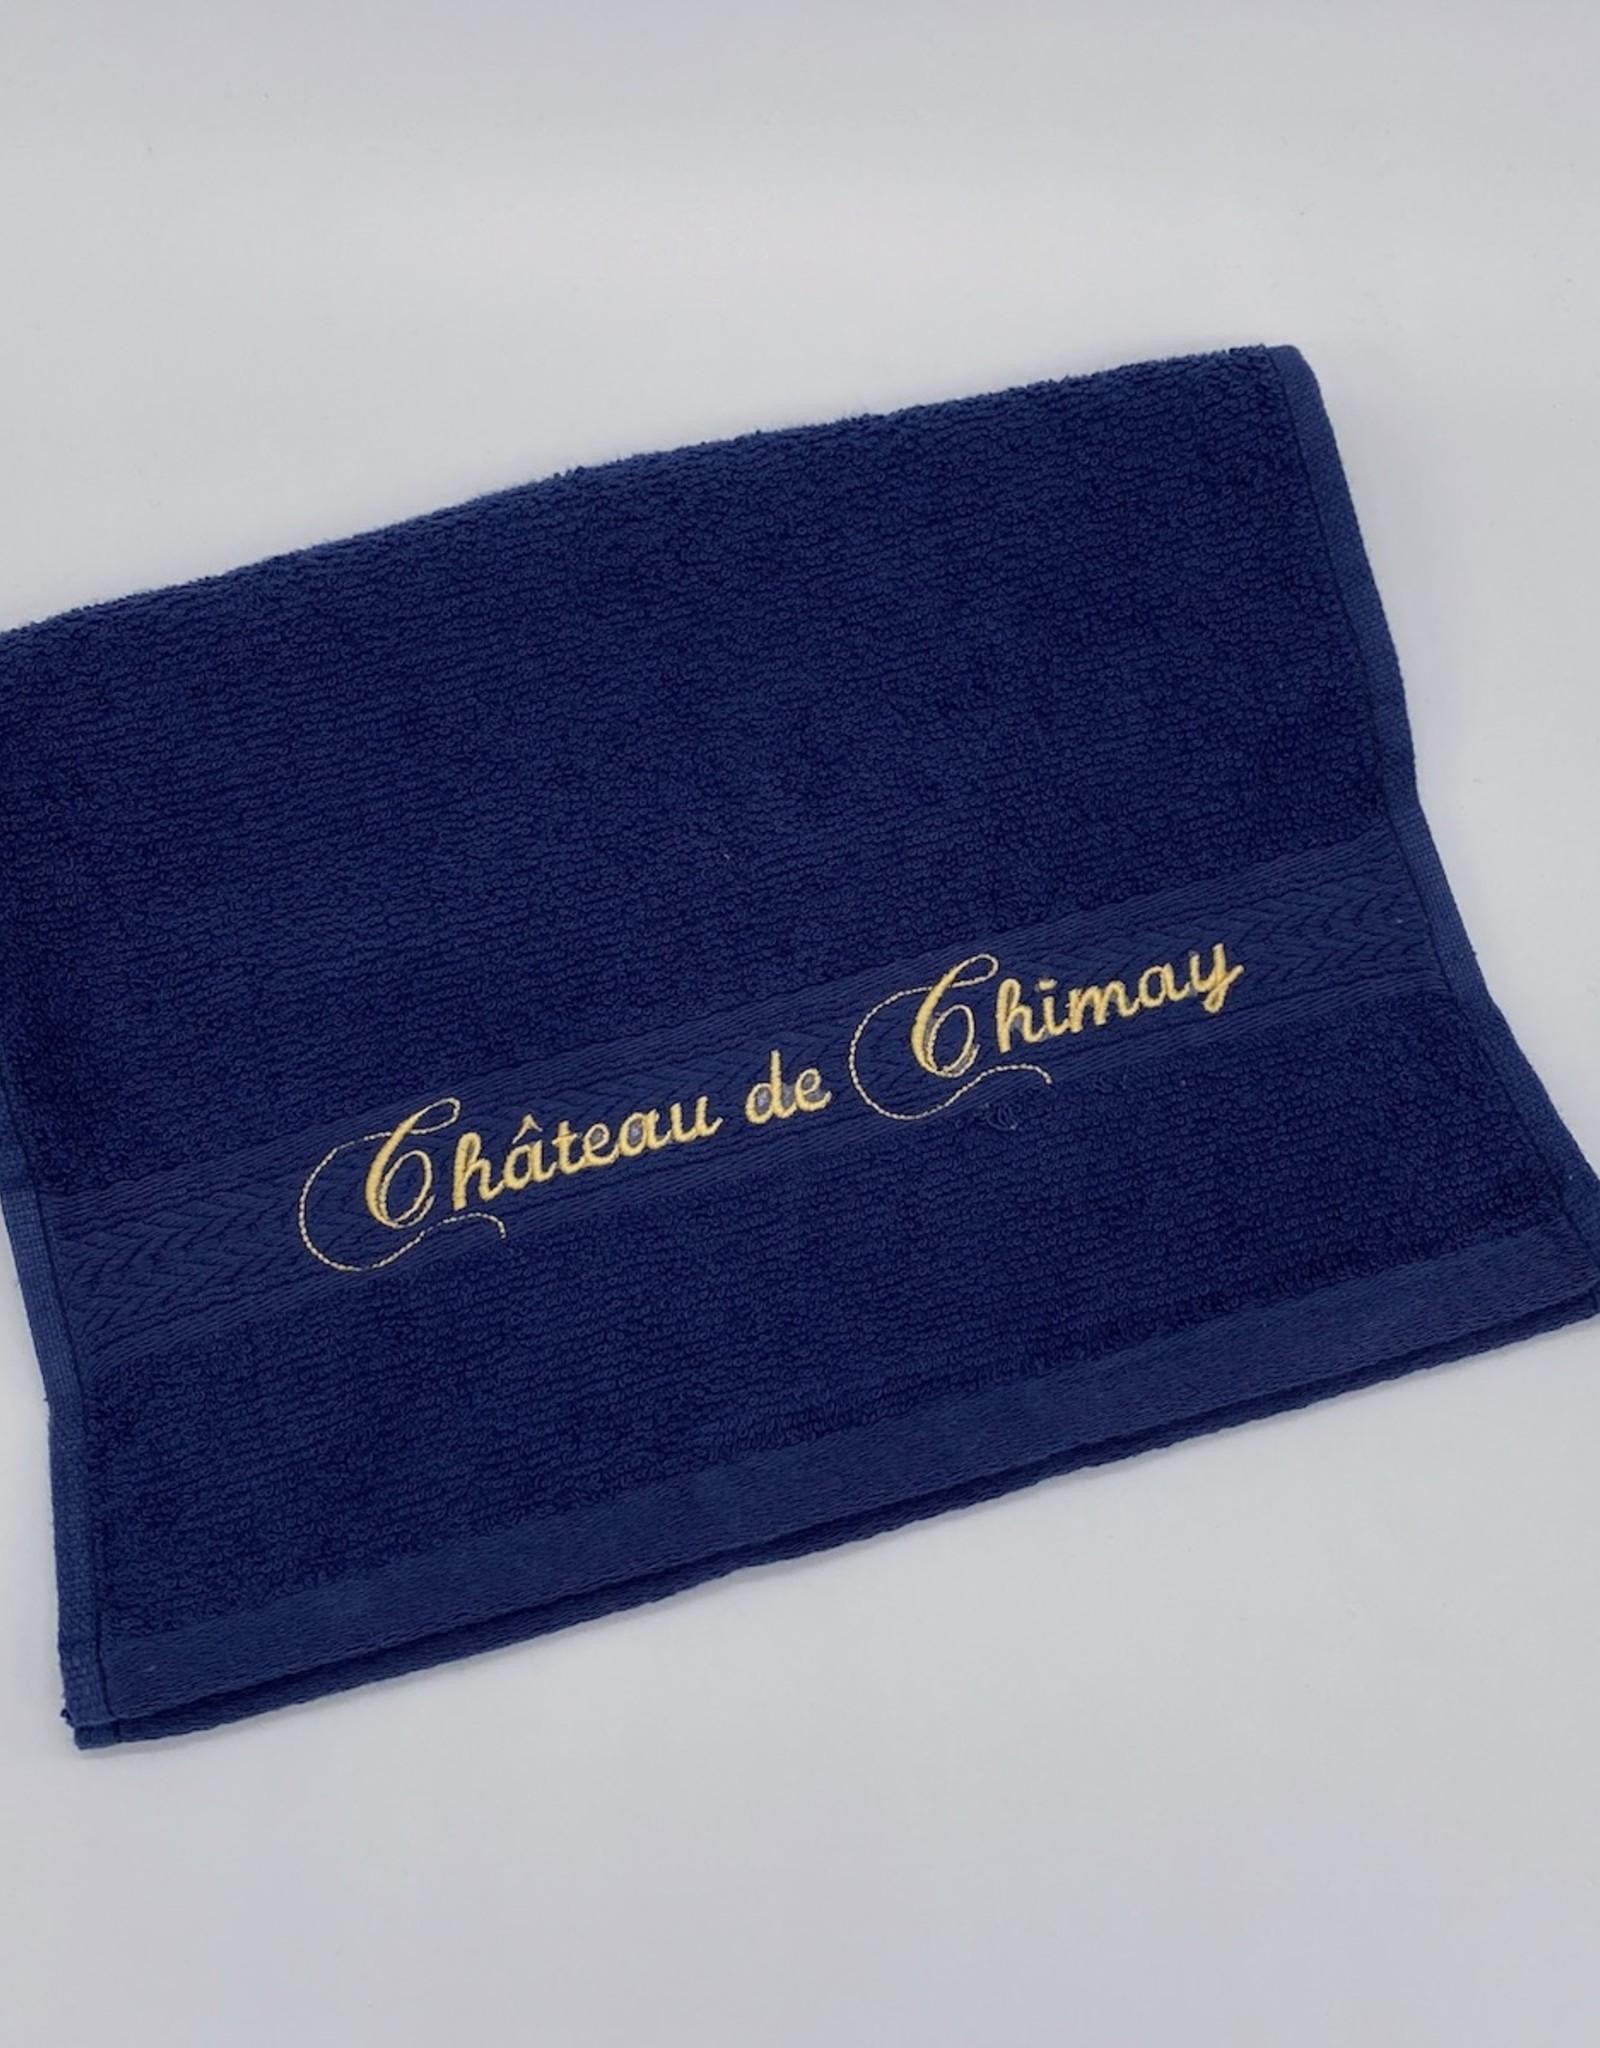 Château de Chimay Essuie invité marine